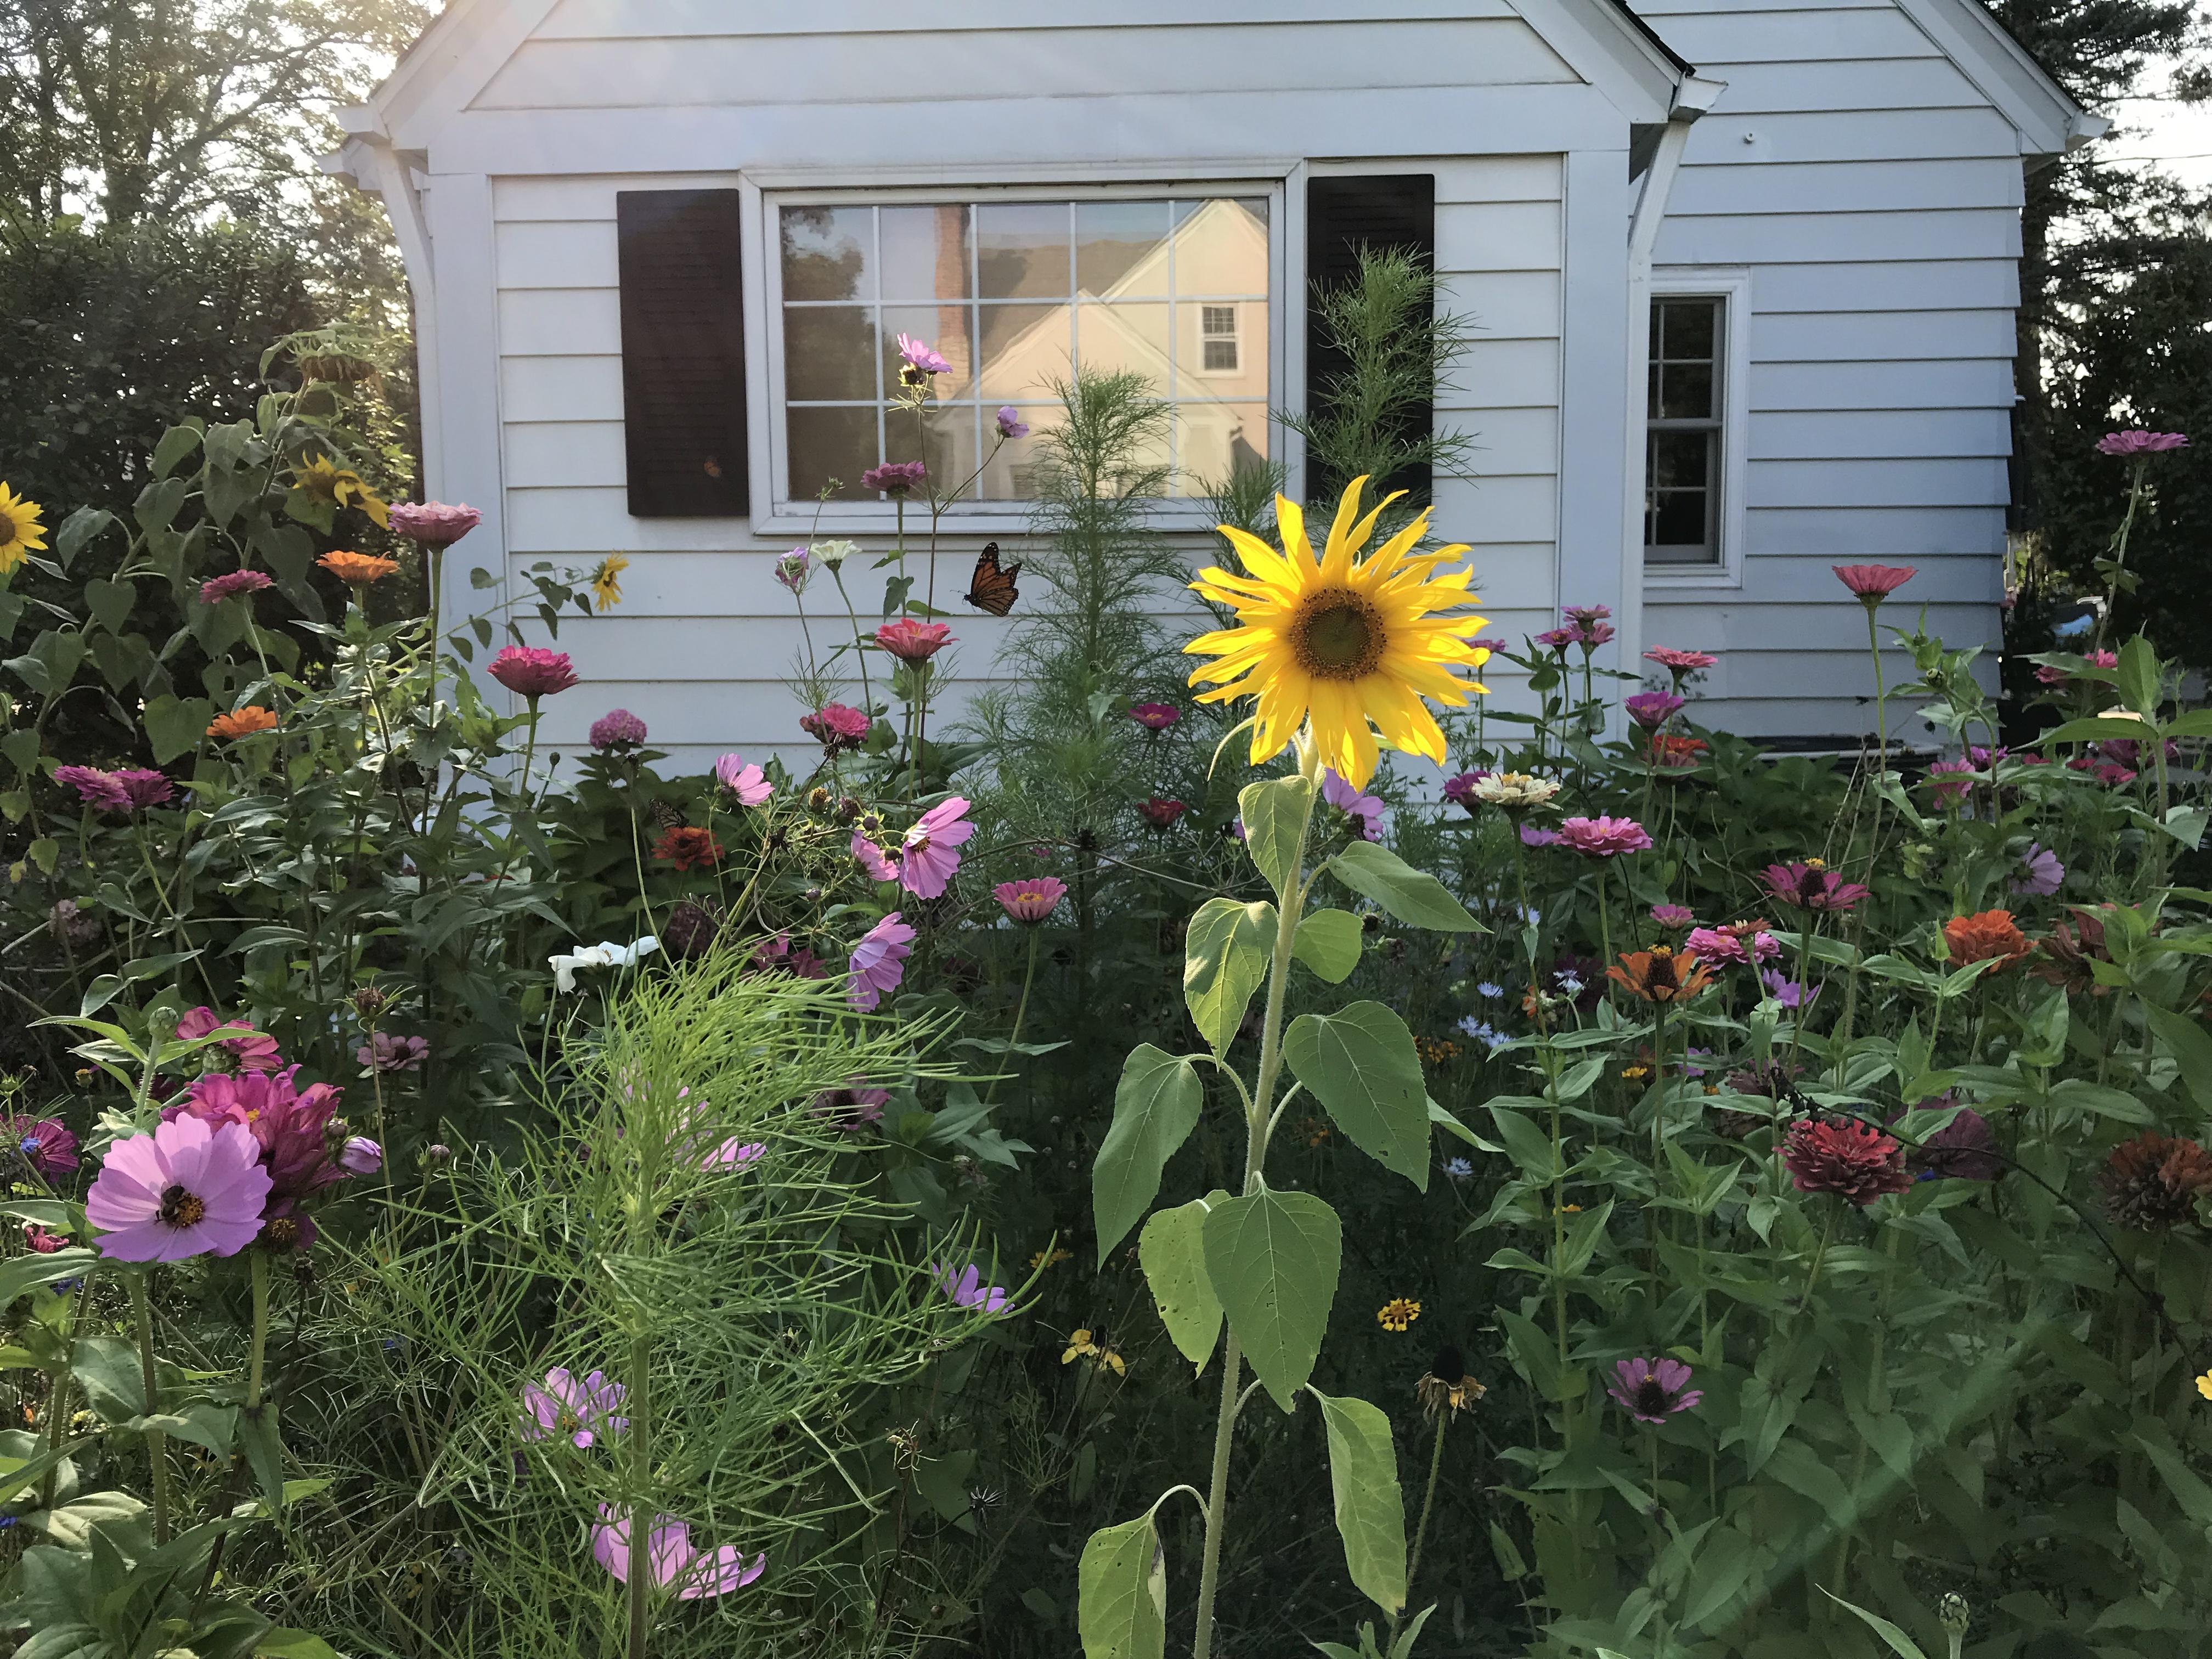 Creating a Pollinator-Friendly Yard